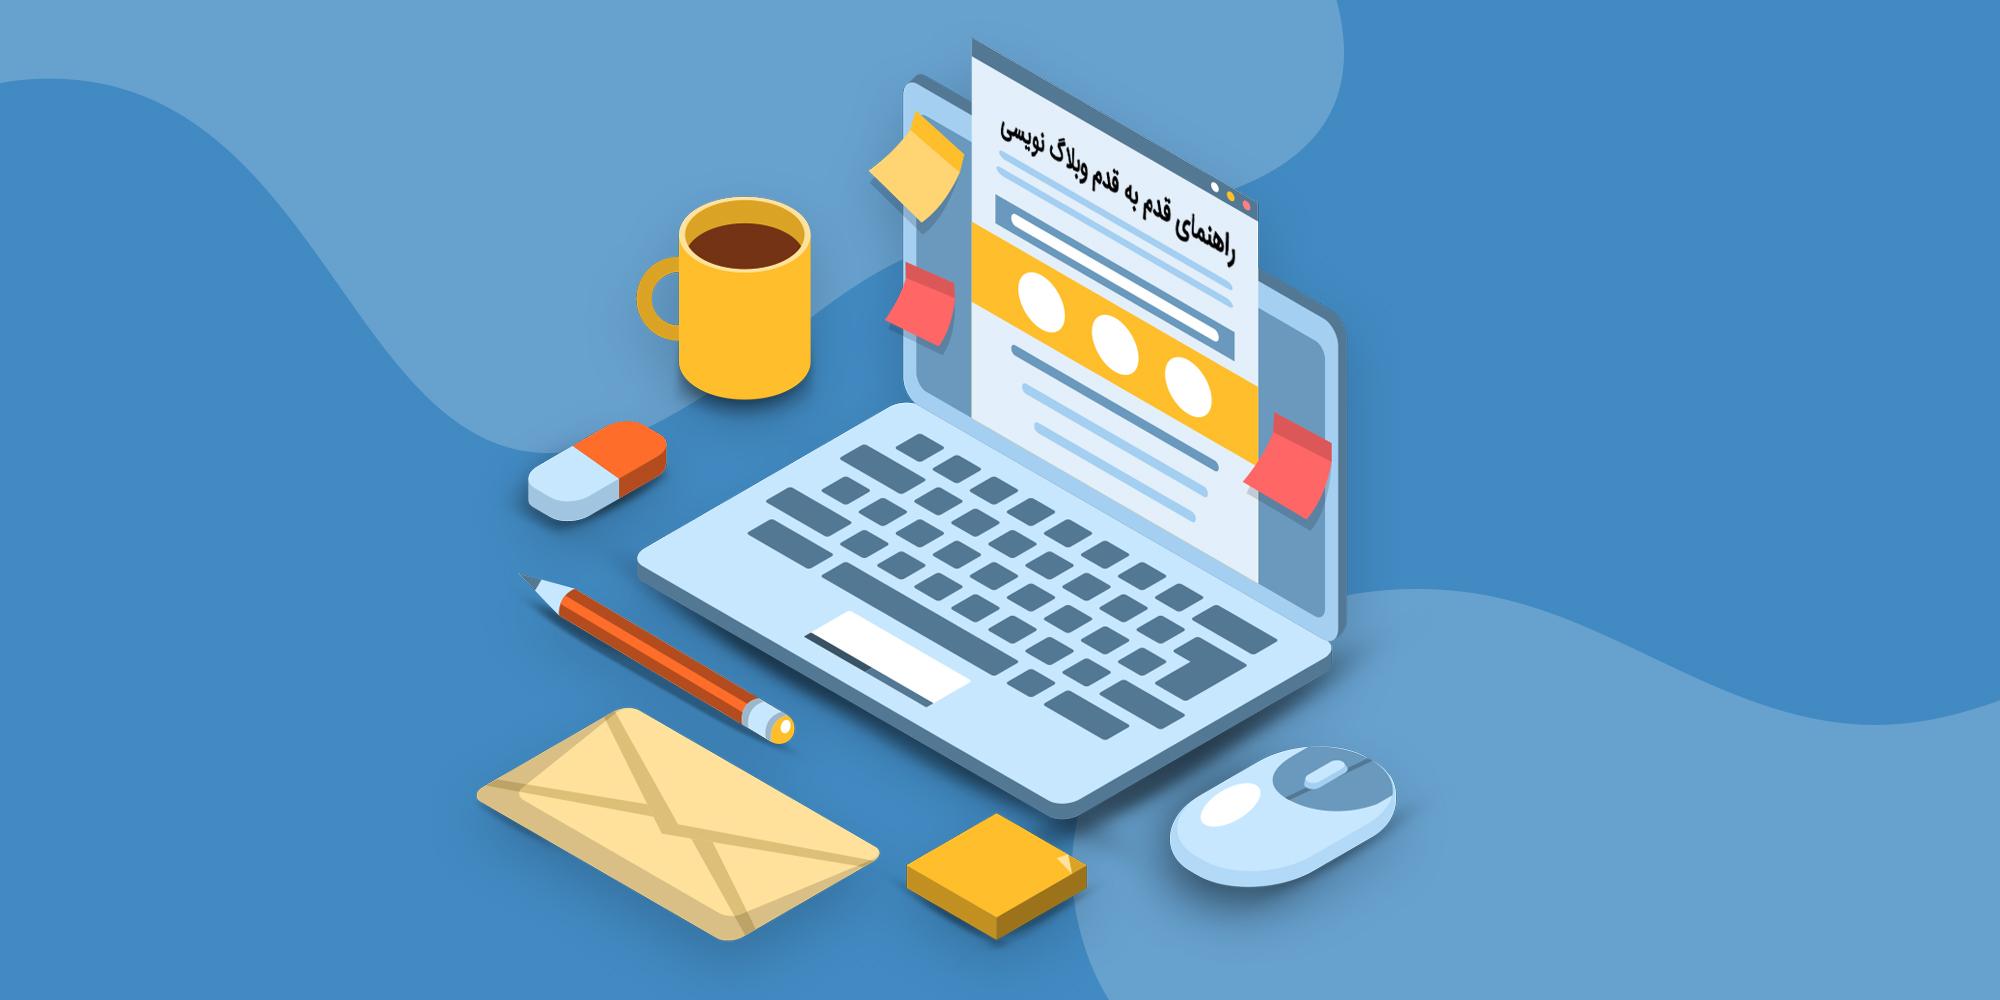 انتخاب عناوین مناسب برای بلاگ